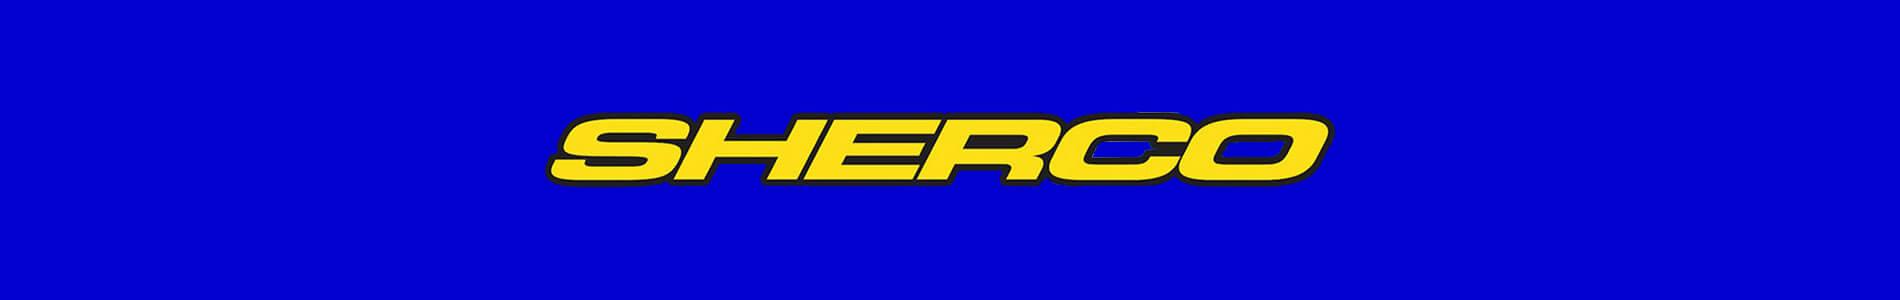 Tienda online distribuidor oficial Sherco en Asturias